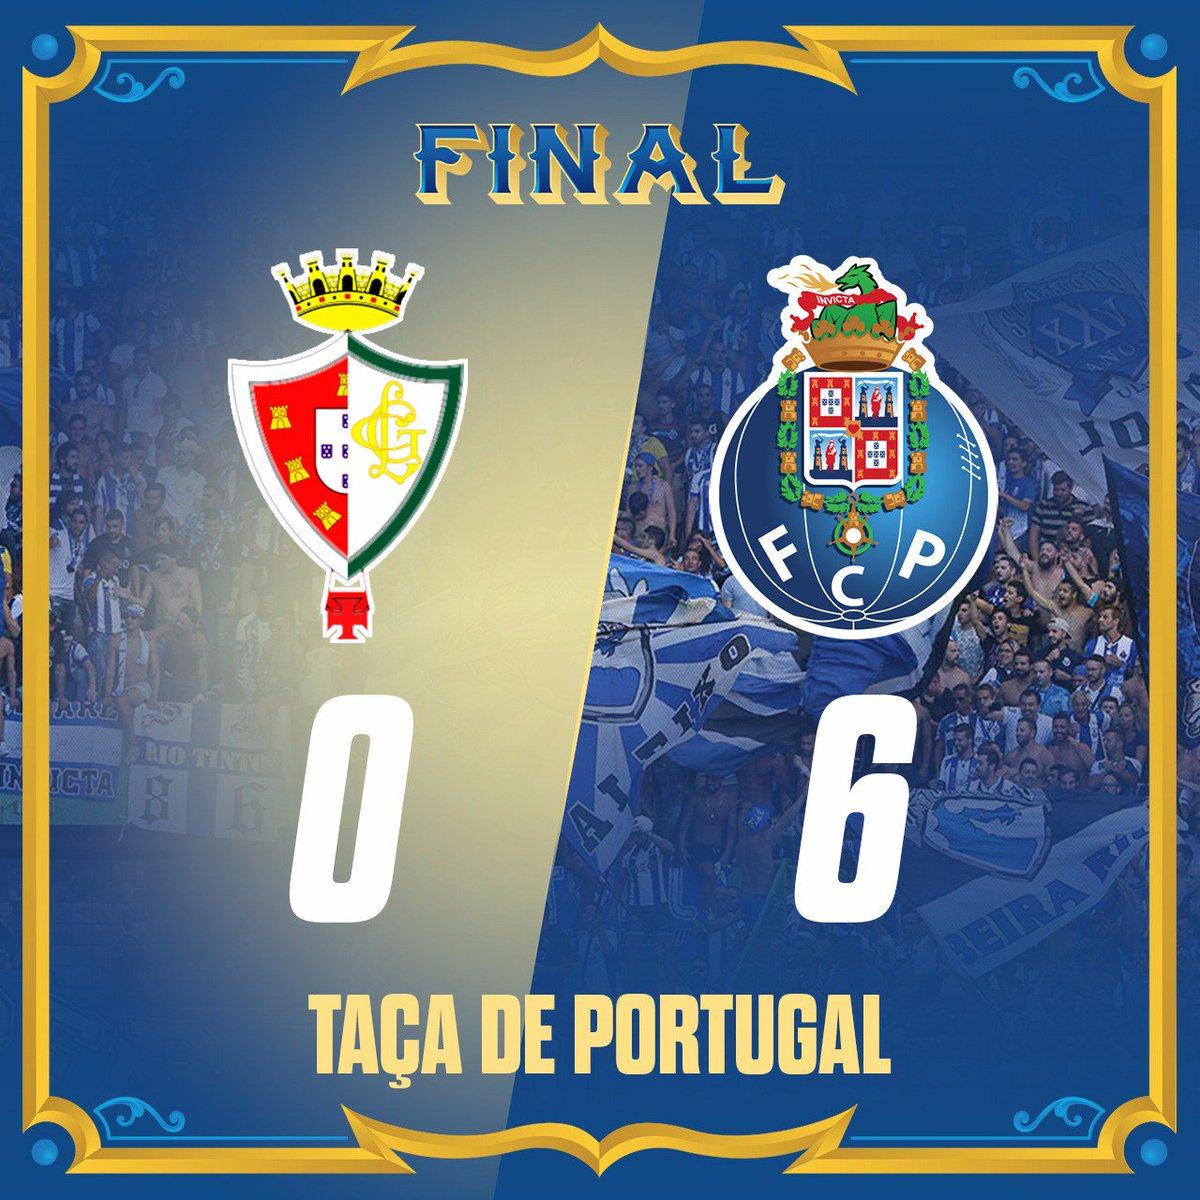 Final de Jogo / End of the match   20' Aboubakar ⚽ 21' Aboubakar ⚽ 49' Marcano ⚽ 55' Otávio ⚽ 59' Galeno ⚽ 90' Hernâni ⚽  #FCPorto #LGCFCP